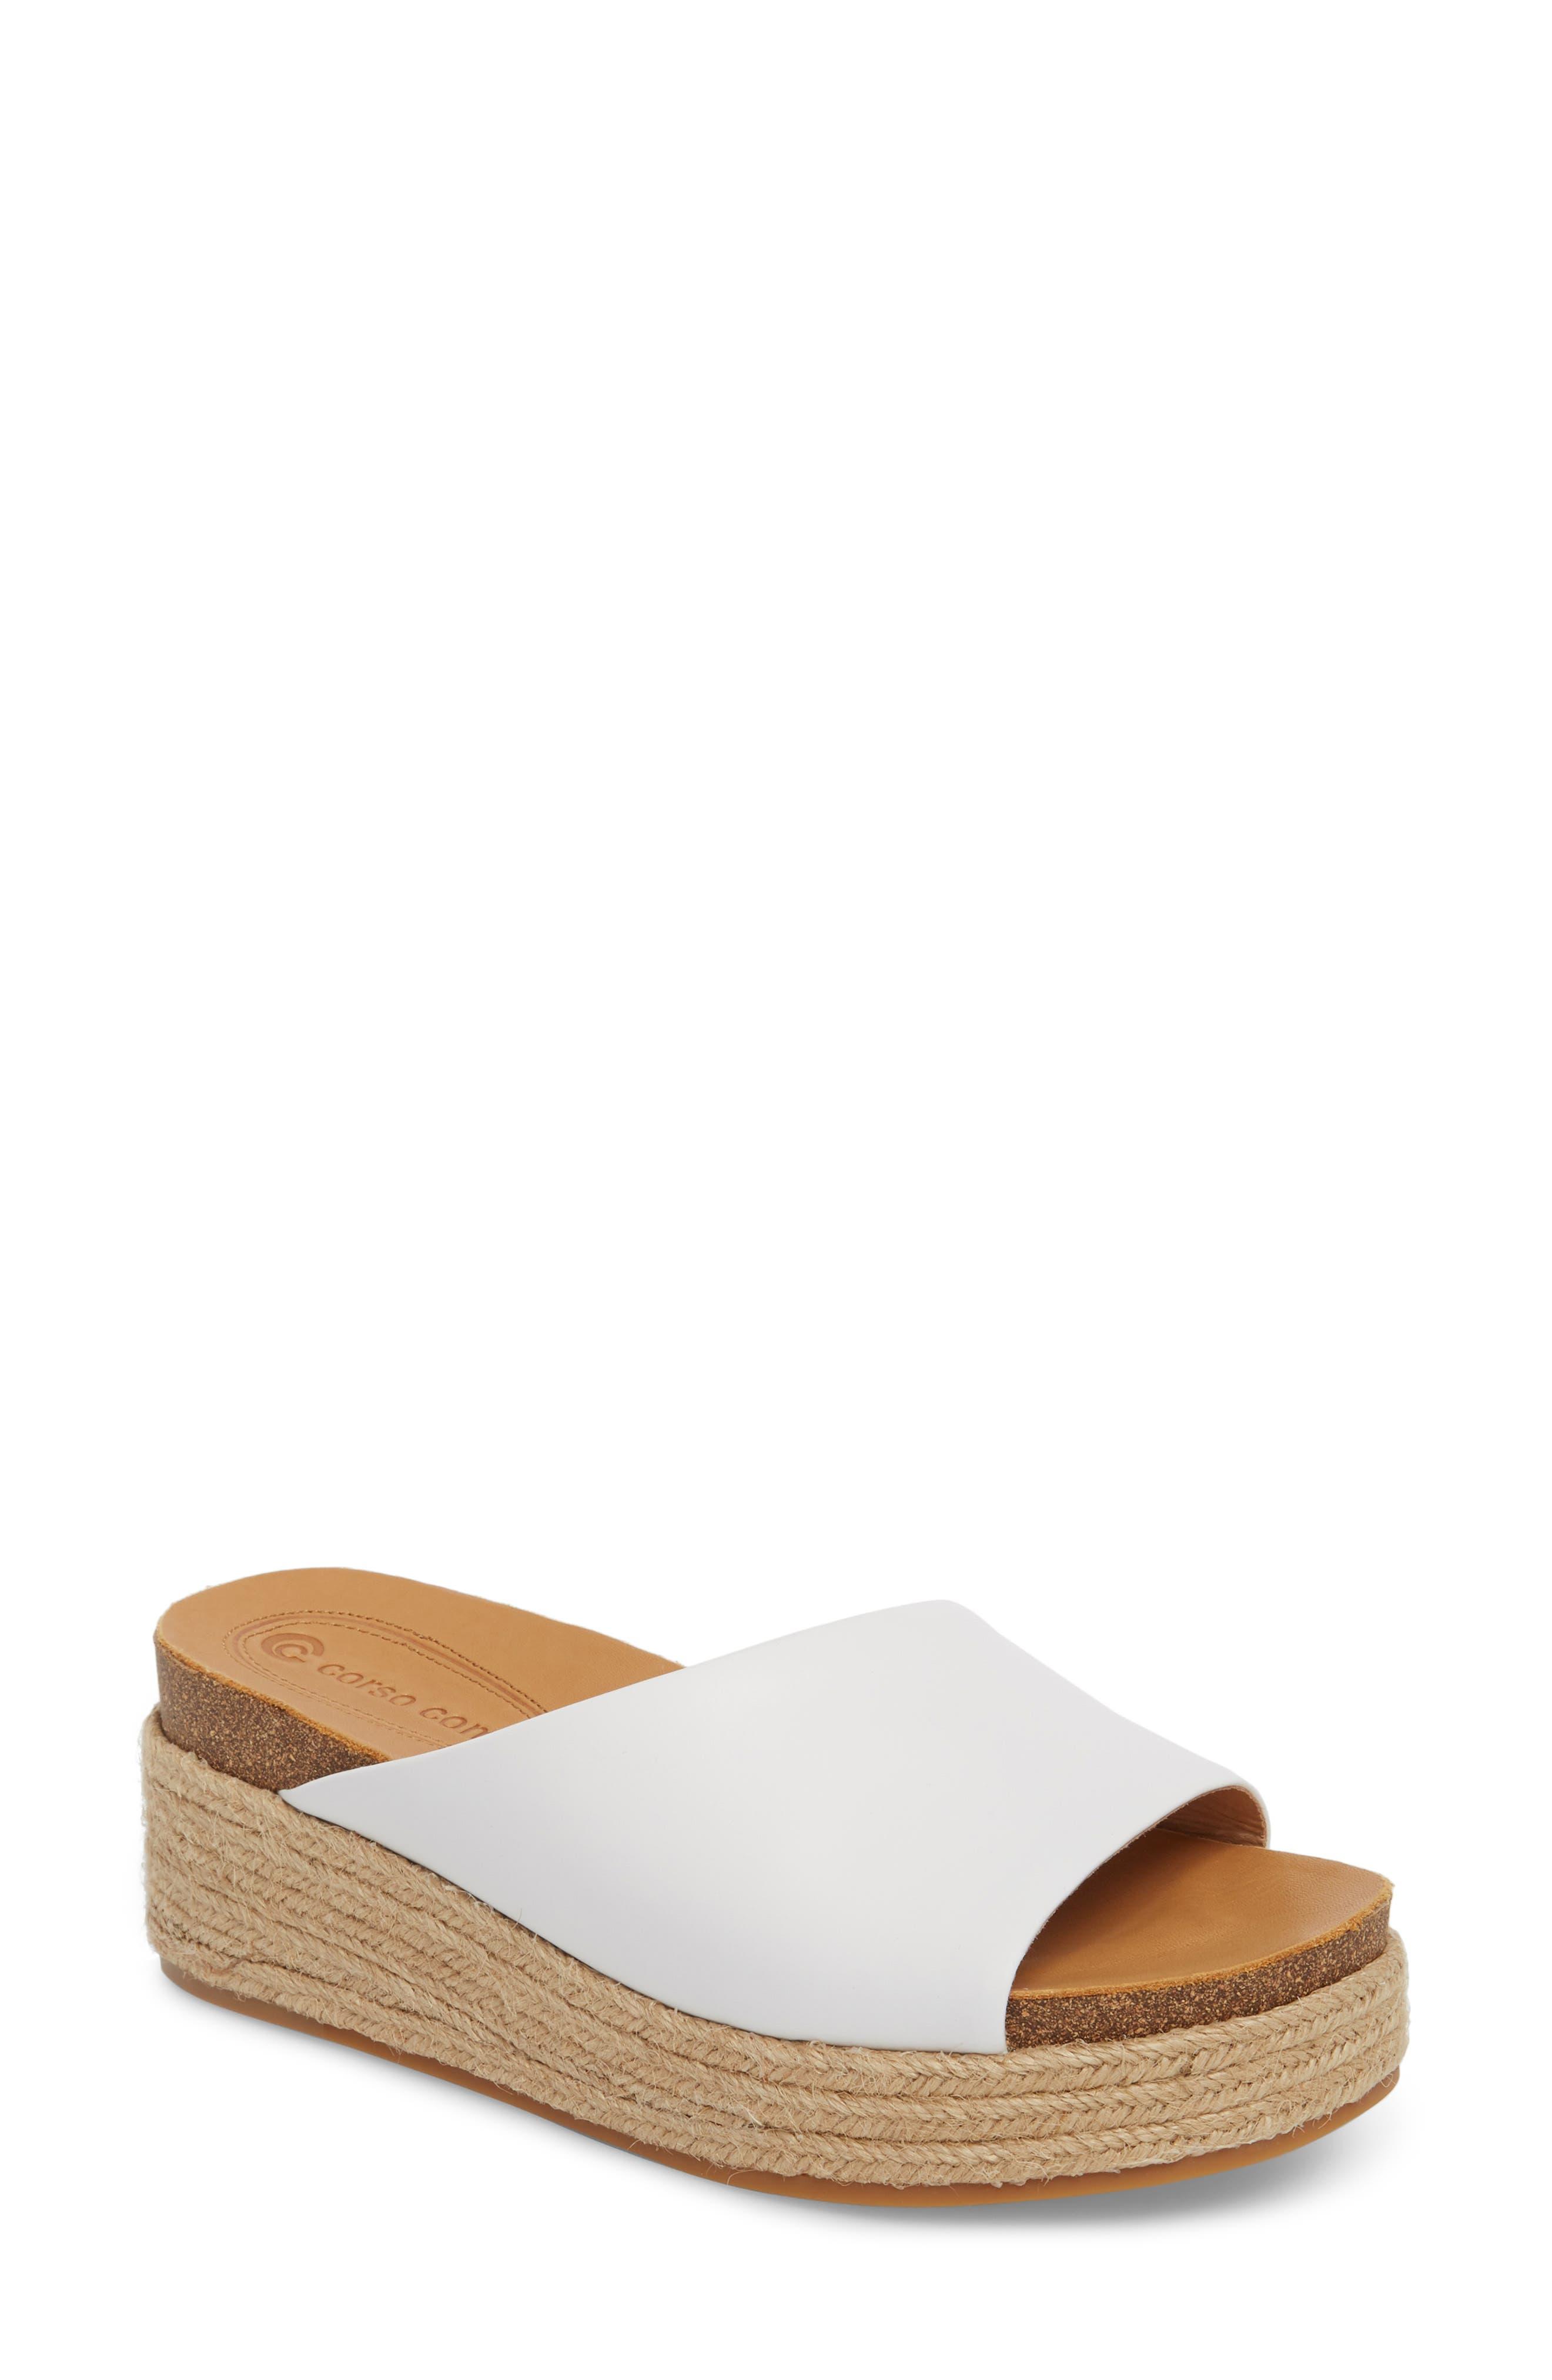 Cc Corso Como Candice Sandal, White